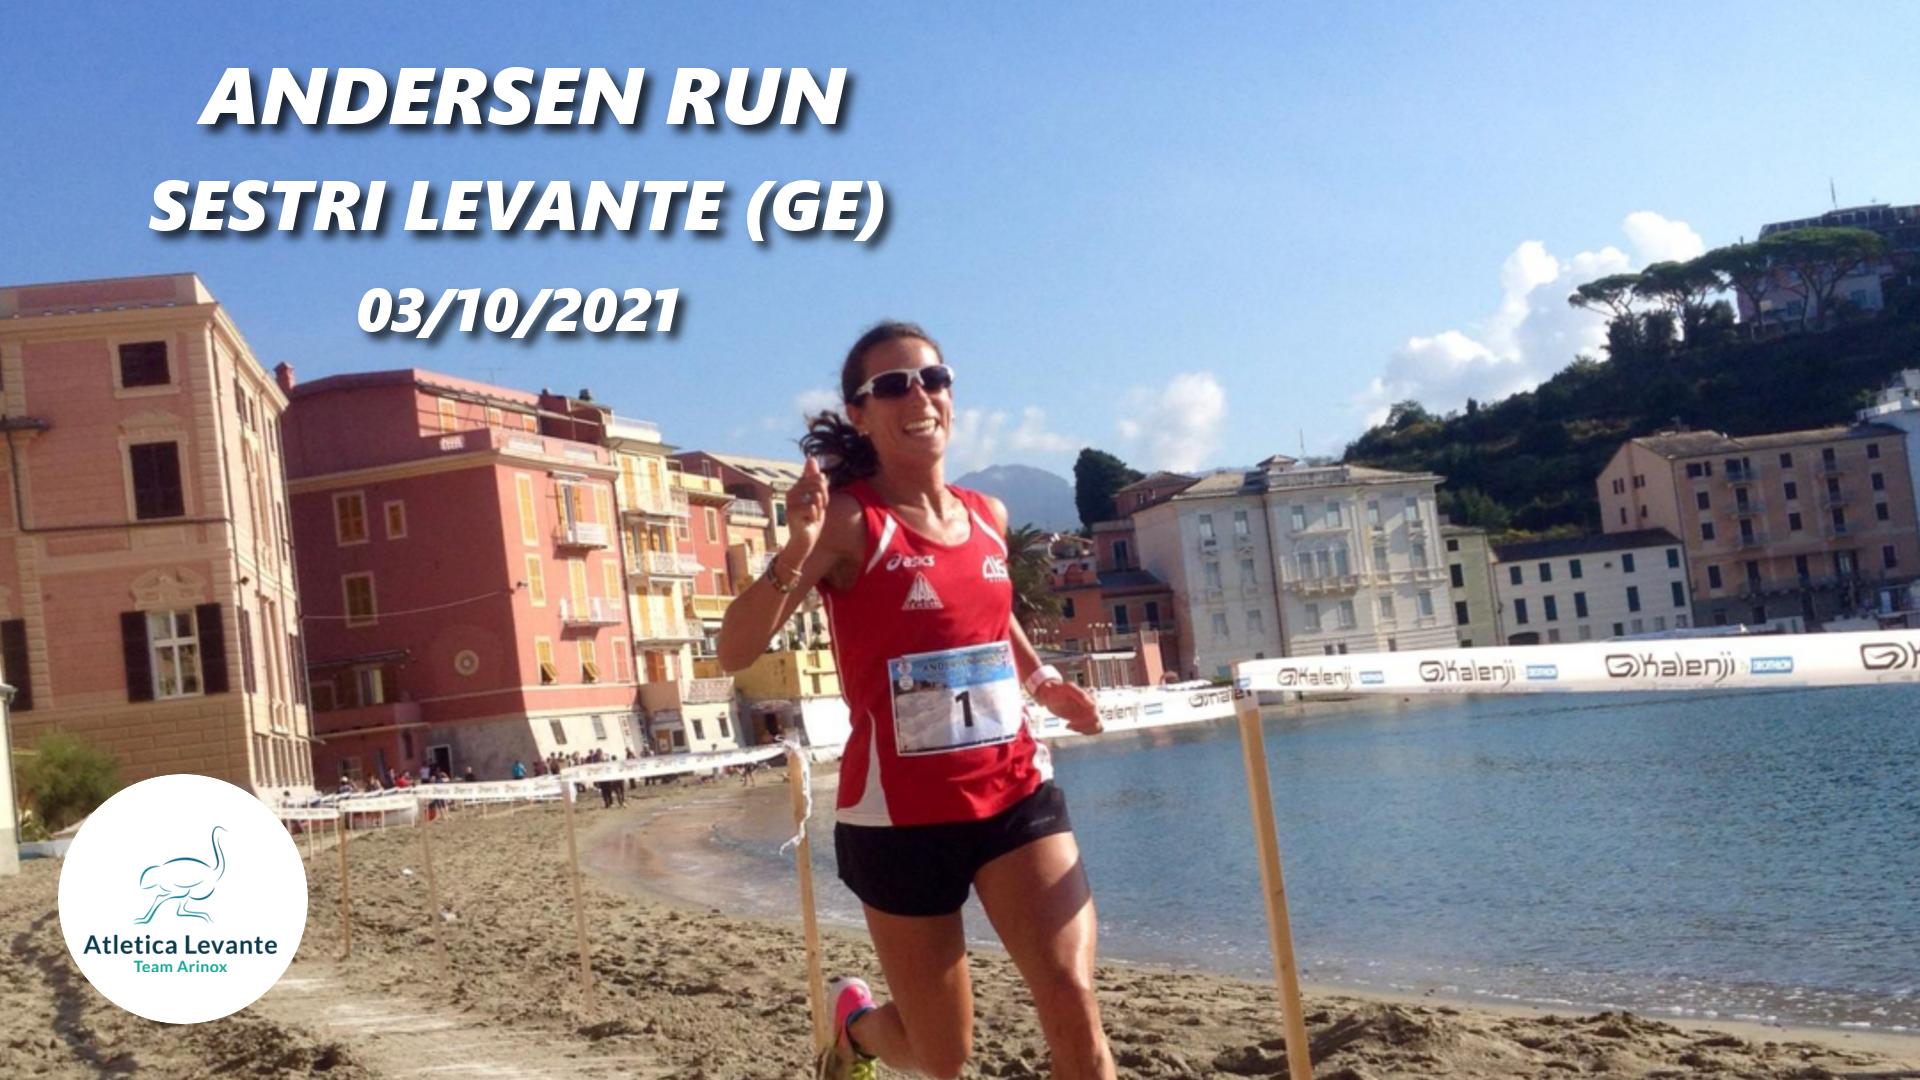 Ritorna il grande running a Sestri Levante con l'Andersen Run!